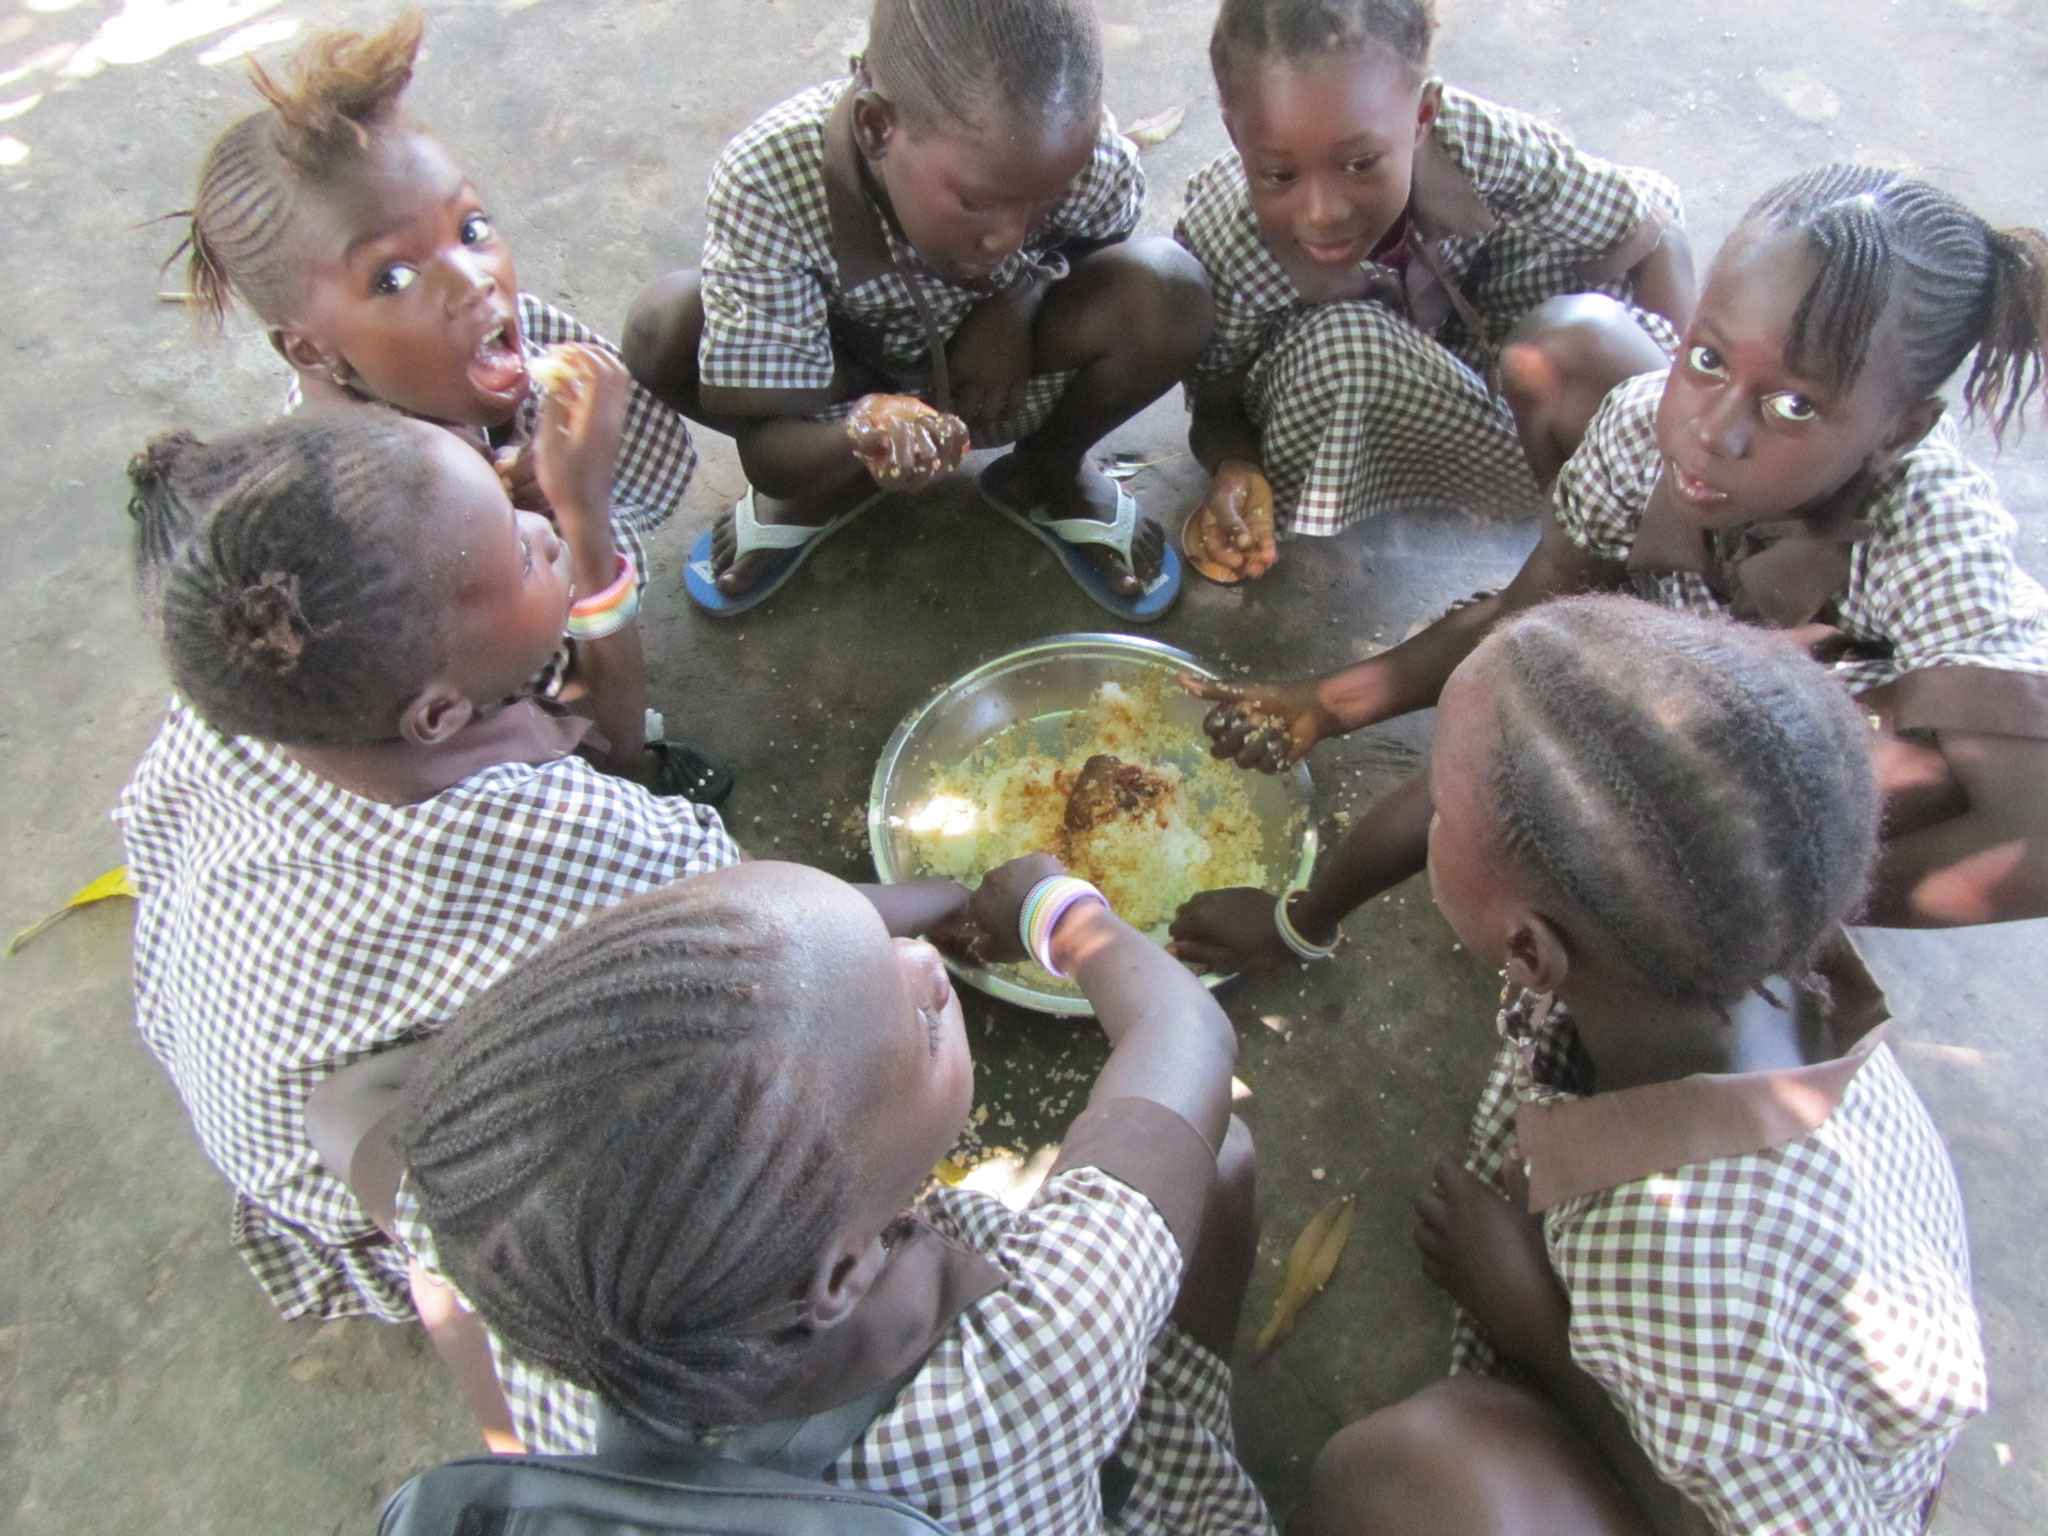 Essen in kleinen Gruppen